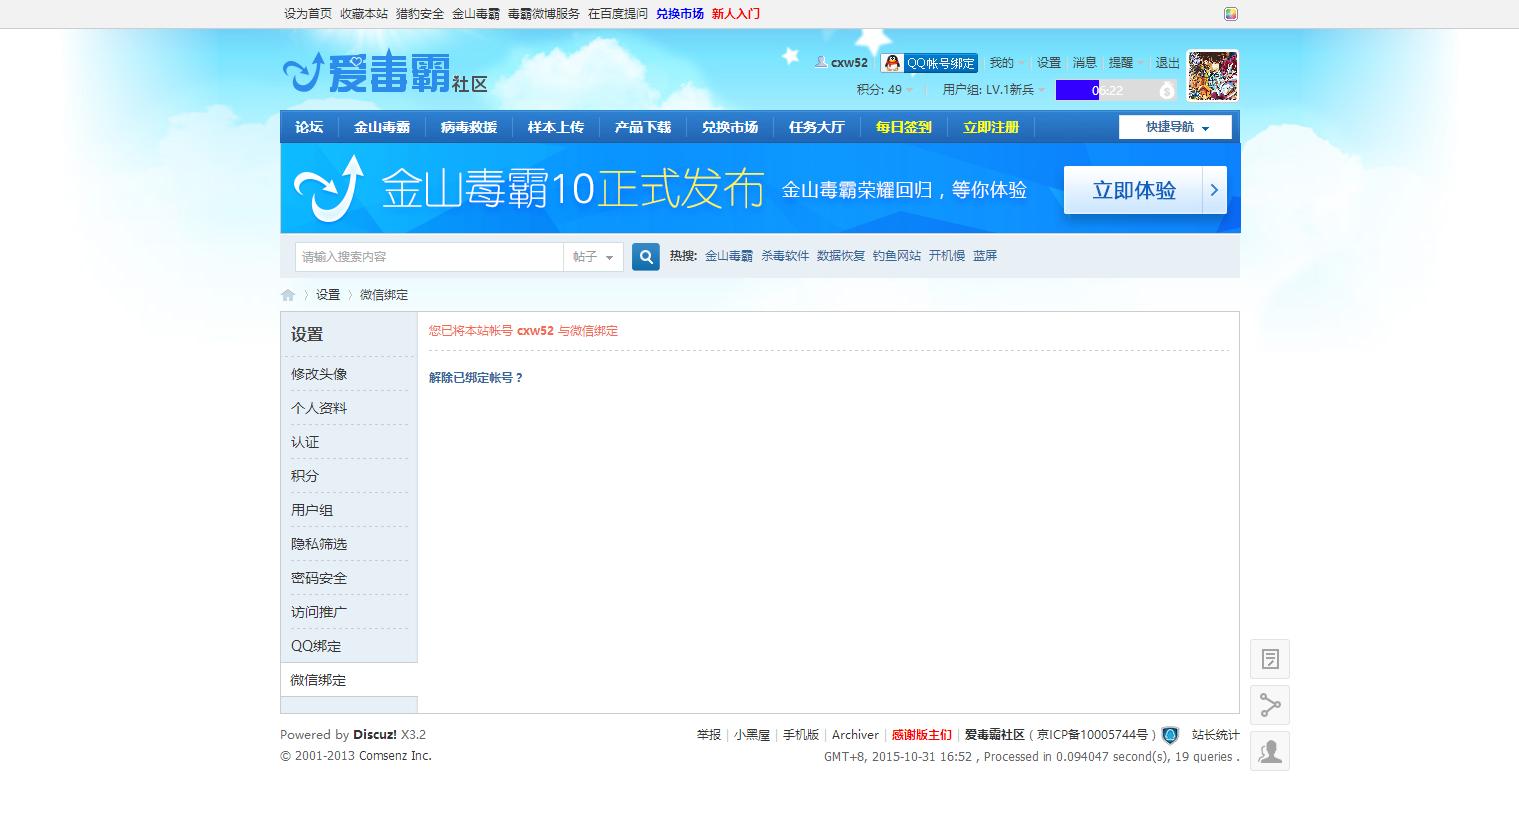 微信绑定 - 爱毒霸社区 - Powered by Discuz!.png